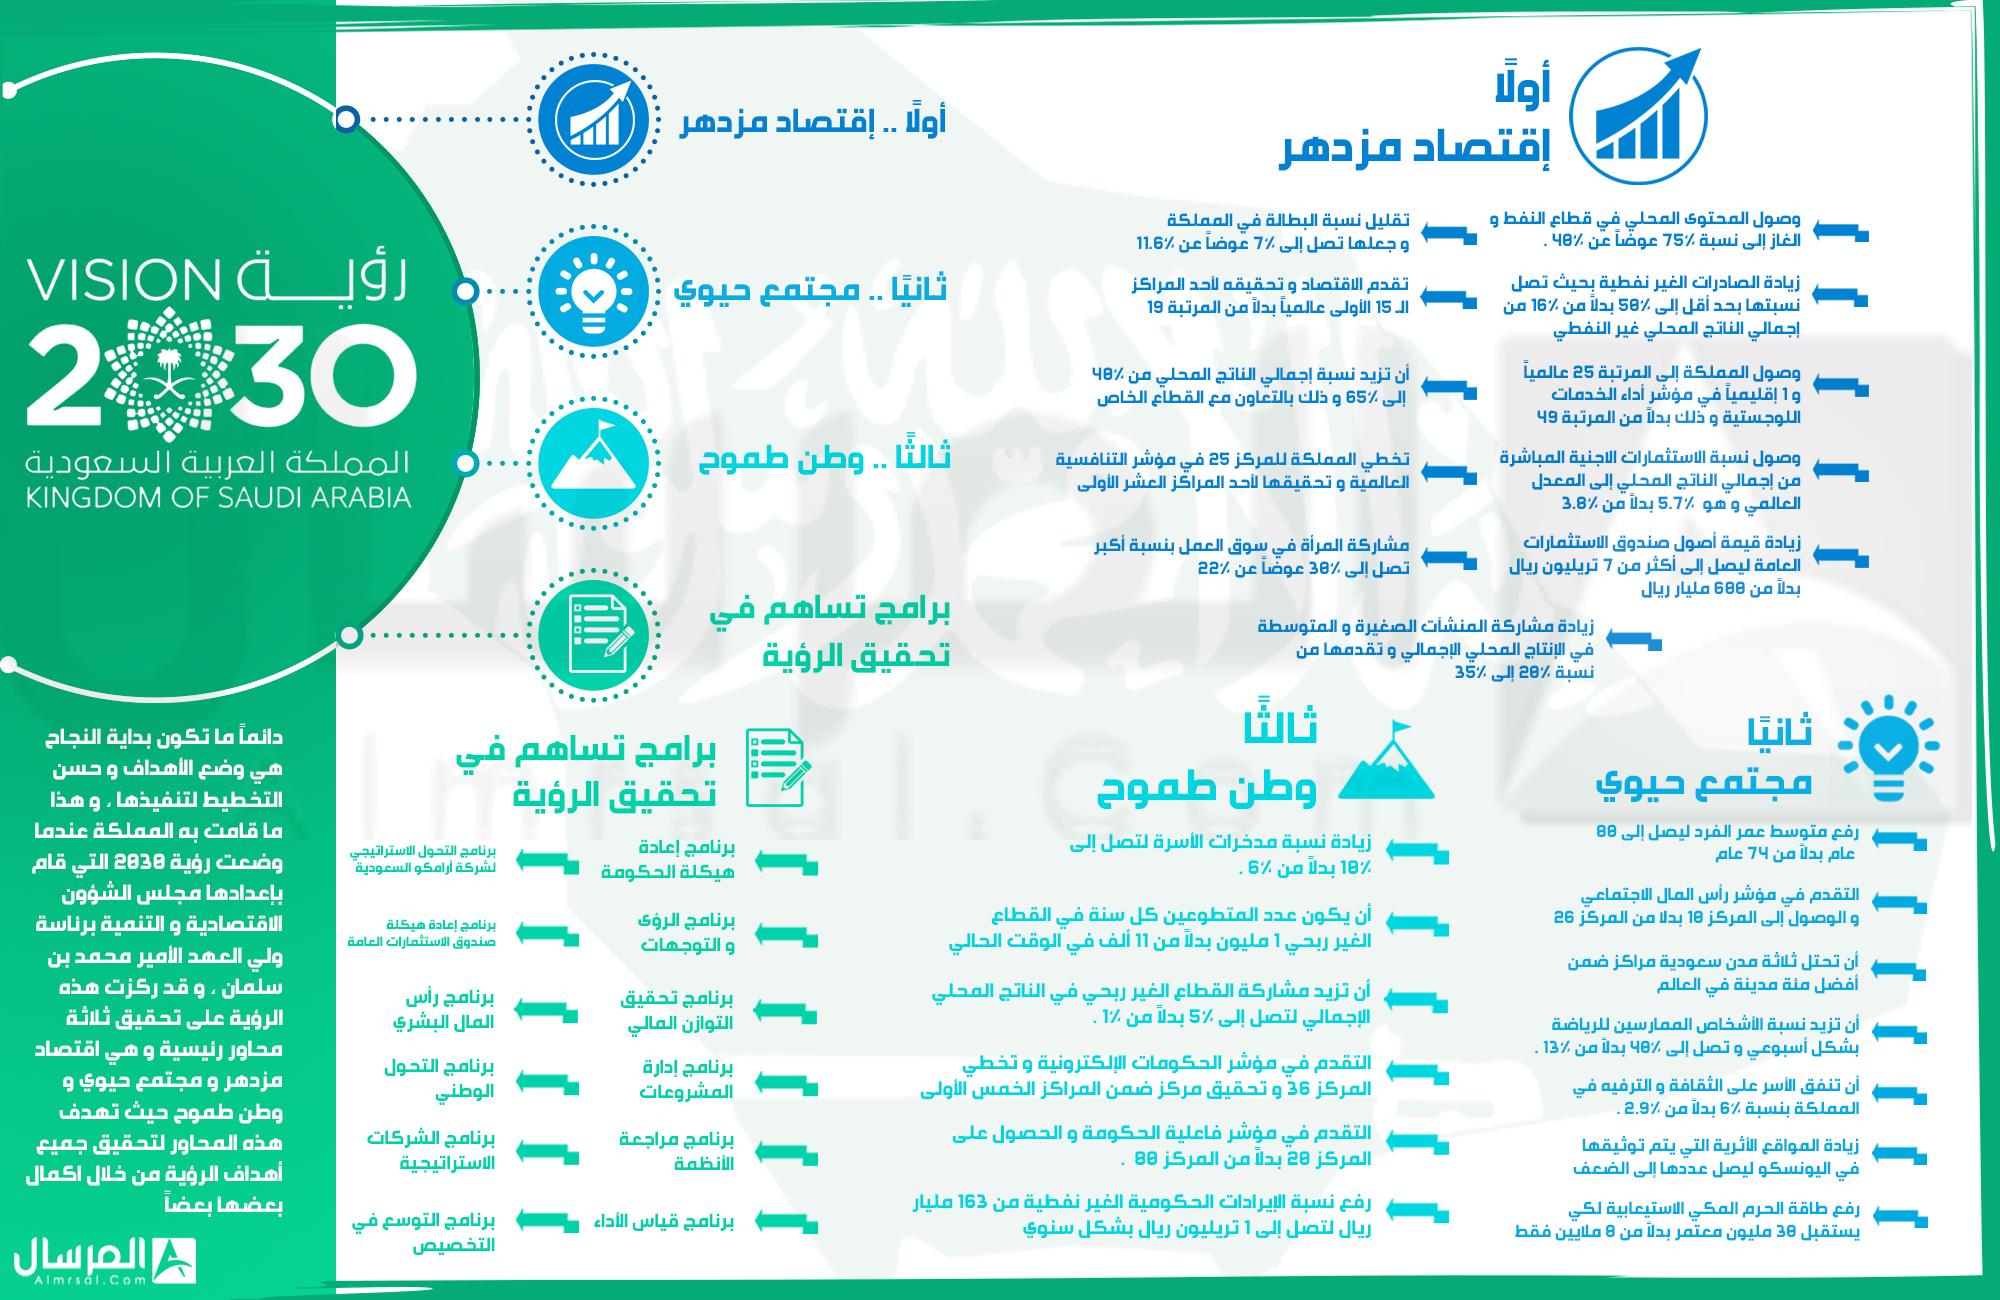 اهداف رؤية 2030 المرسال